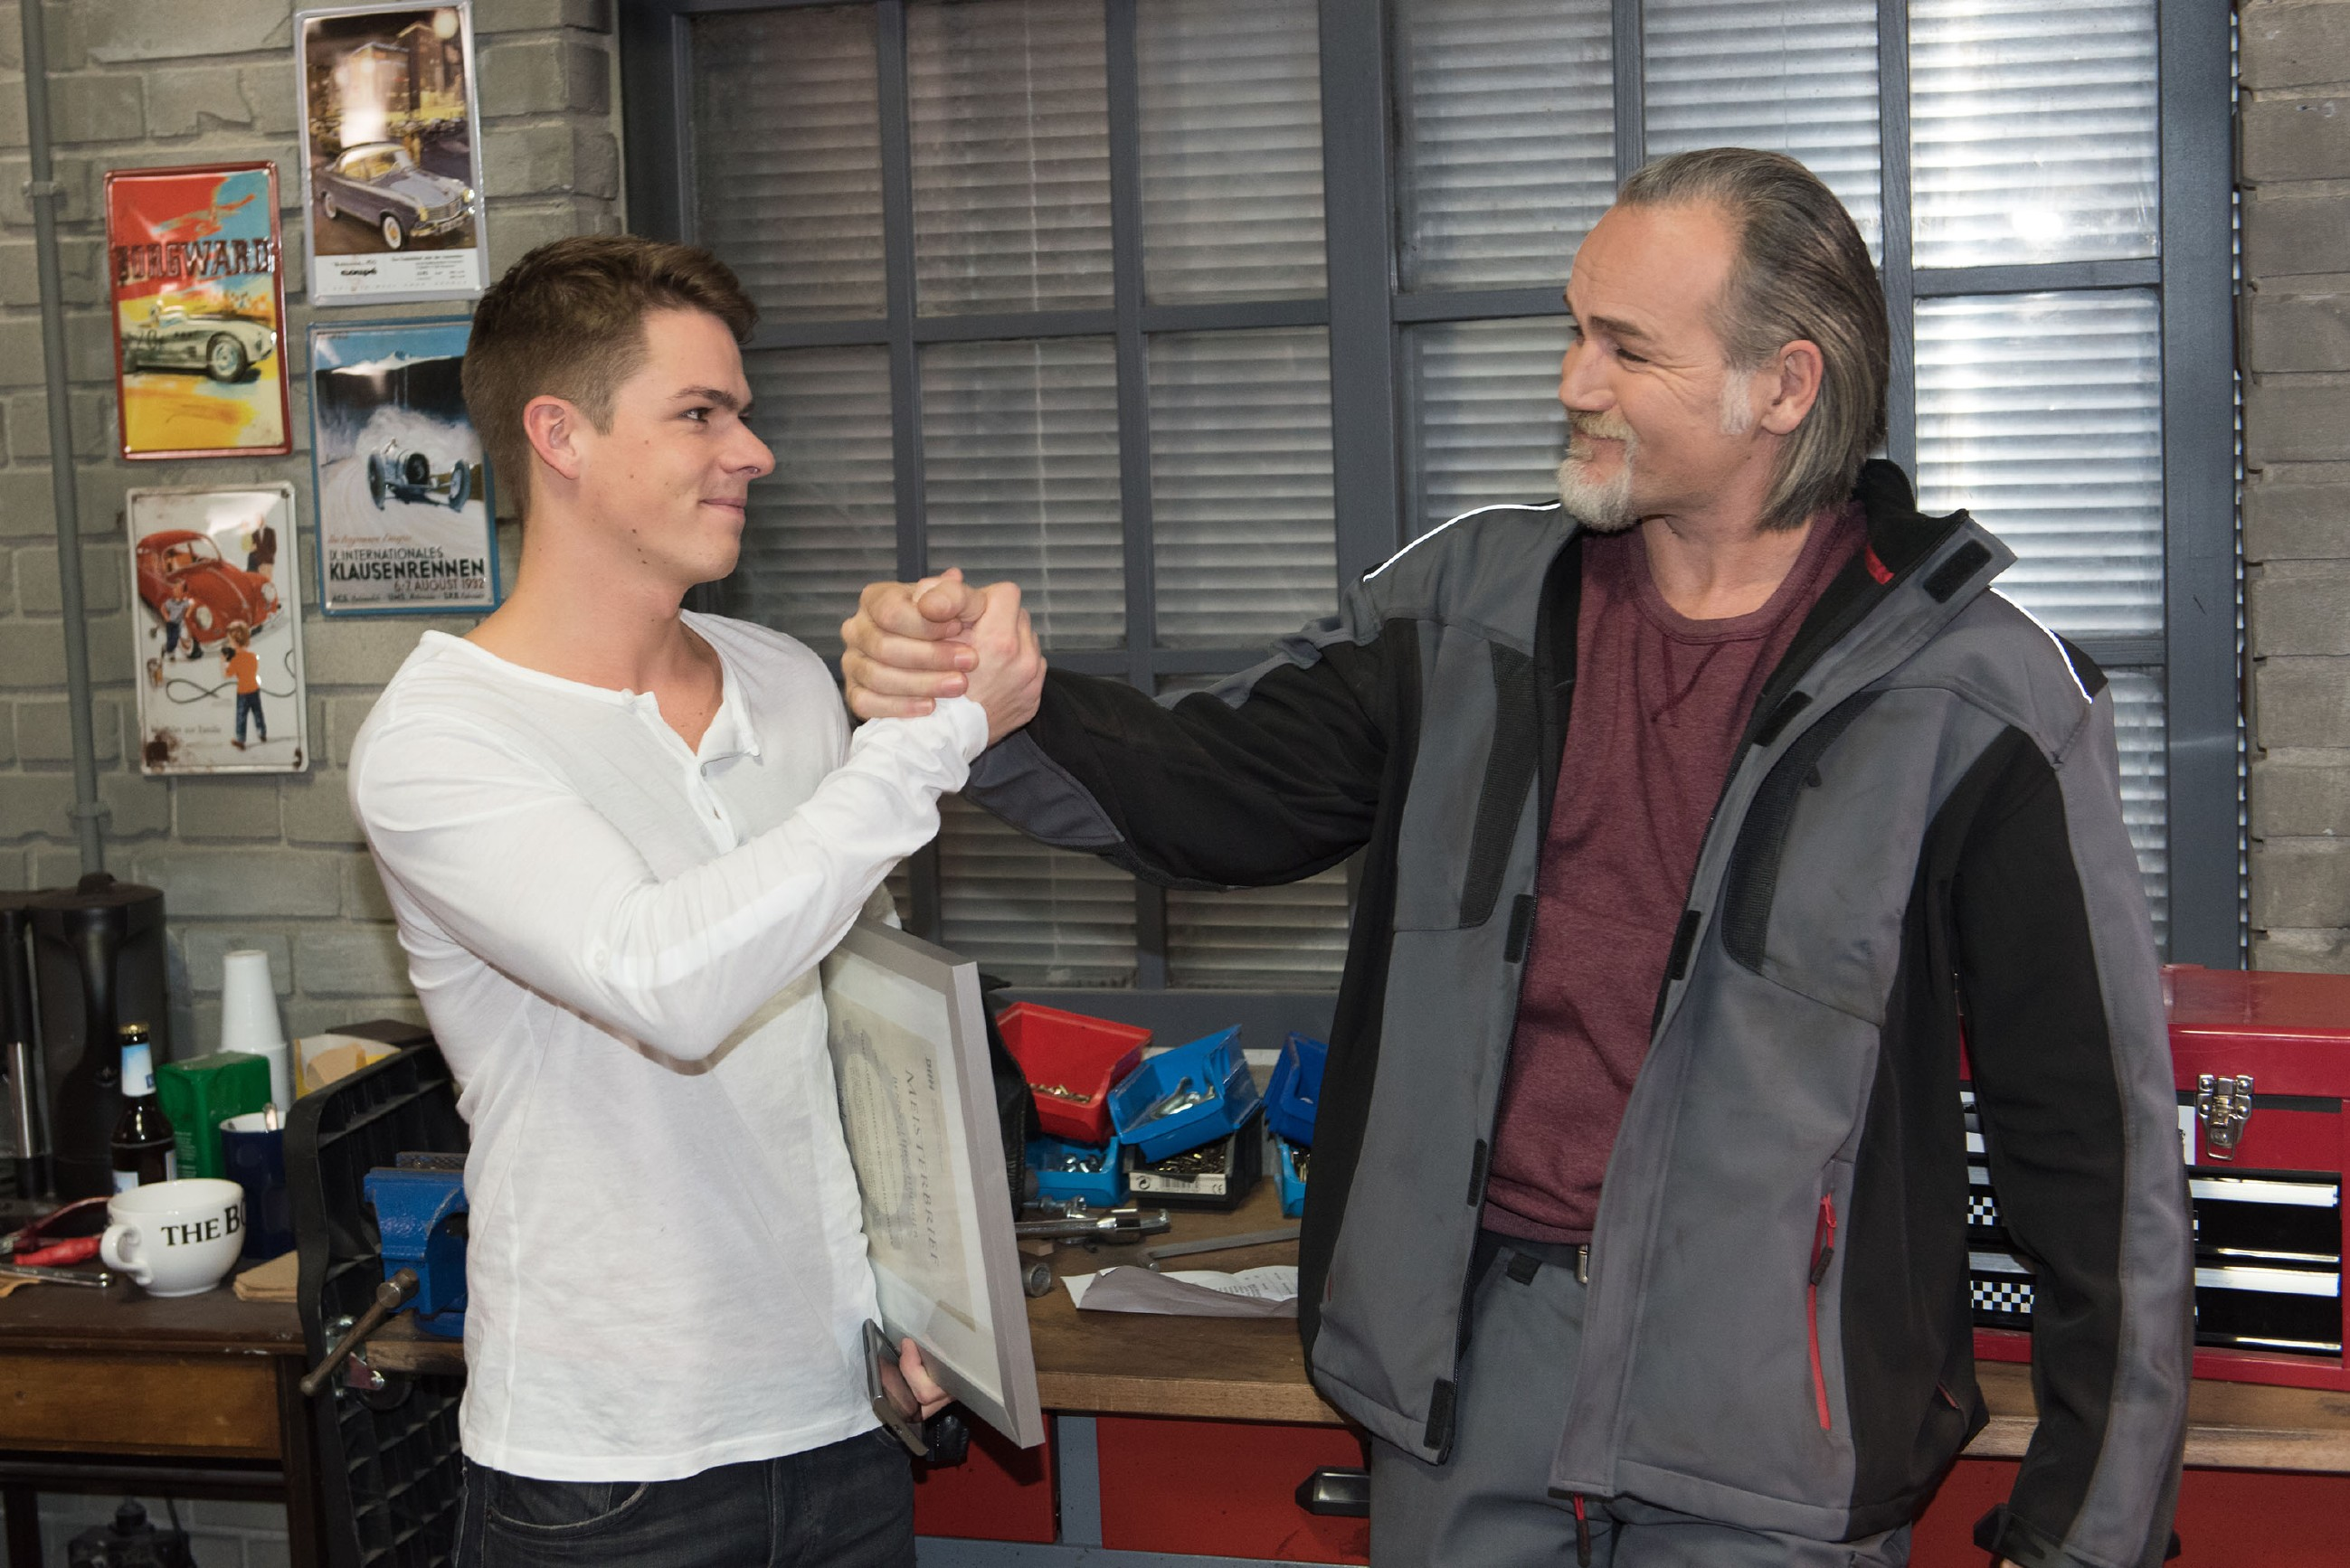 Robert (Luca Maric, r.) freut sich mit Moritz (Marvin Linke), der gerade eine erfreuliche Neuigkeit bezüglich seiner beruflichen Zukunft bekommen hat. (Quelle: RTL / Stefan Behrens)